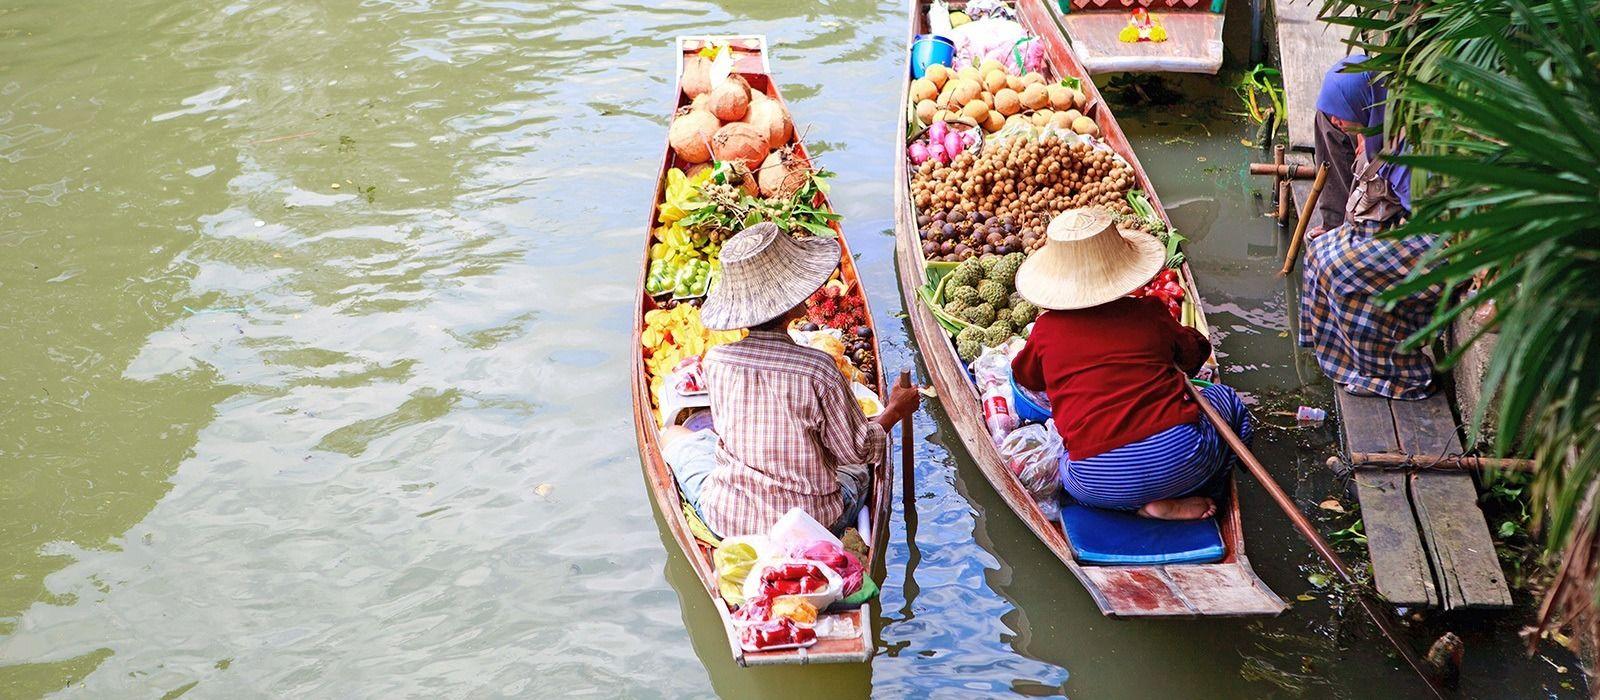 Staunen, Shoppen & Sonnen in Thailand Urlaub 4